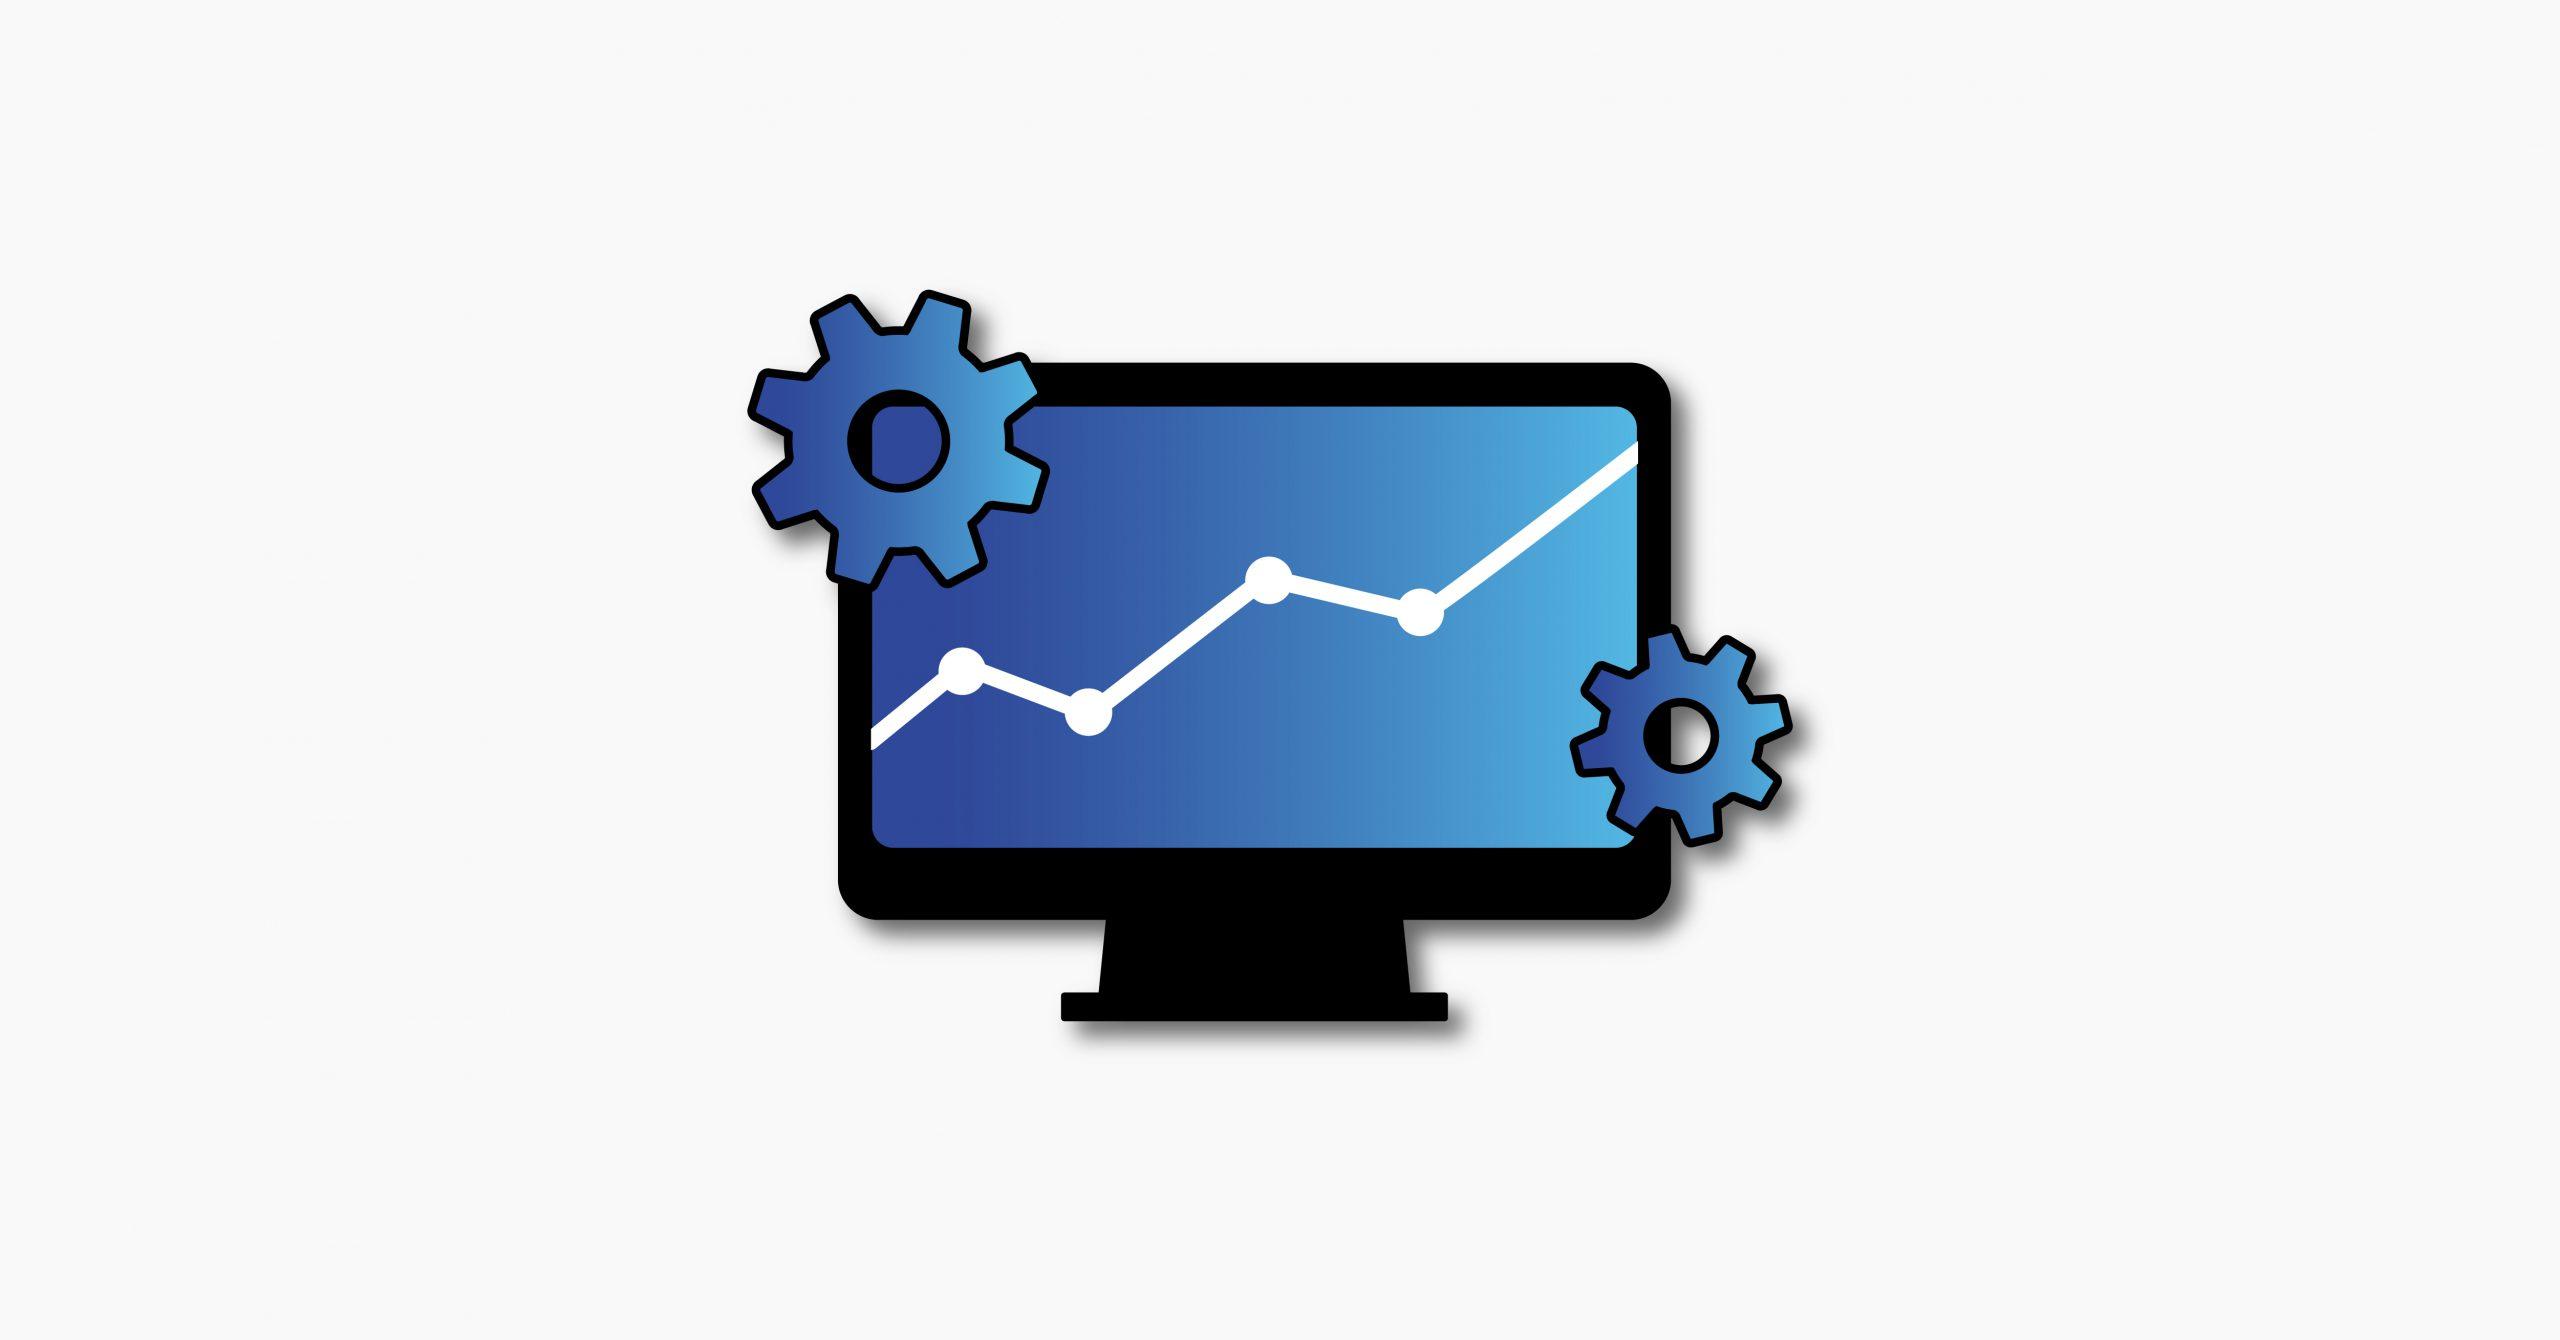 สรุป 4 กลยุทธ์ Data – Driven Marketing ที่นักการตลาดเลือกใช้ในปีนี้